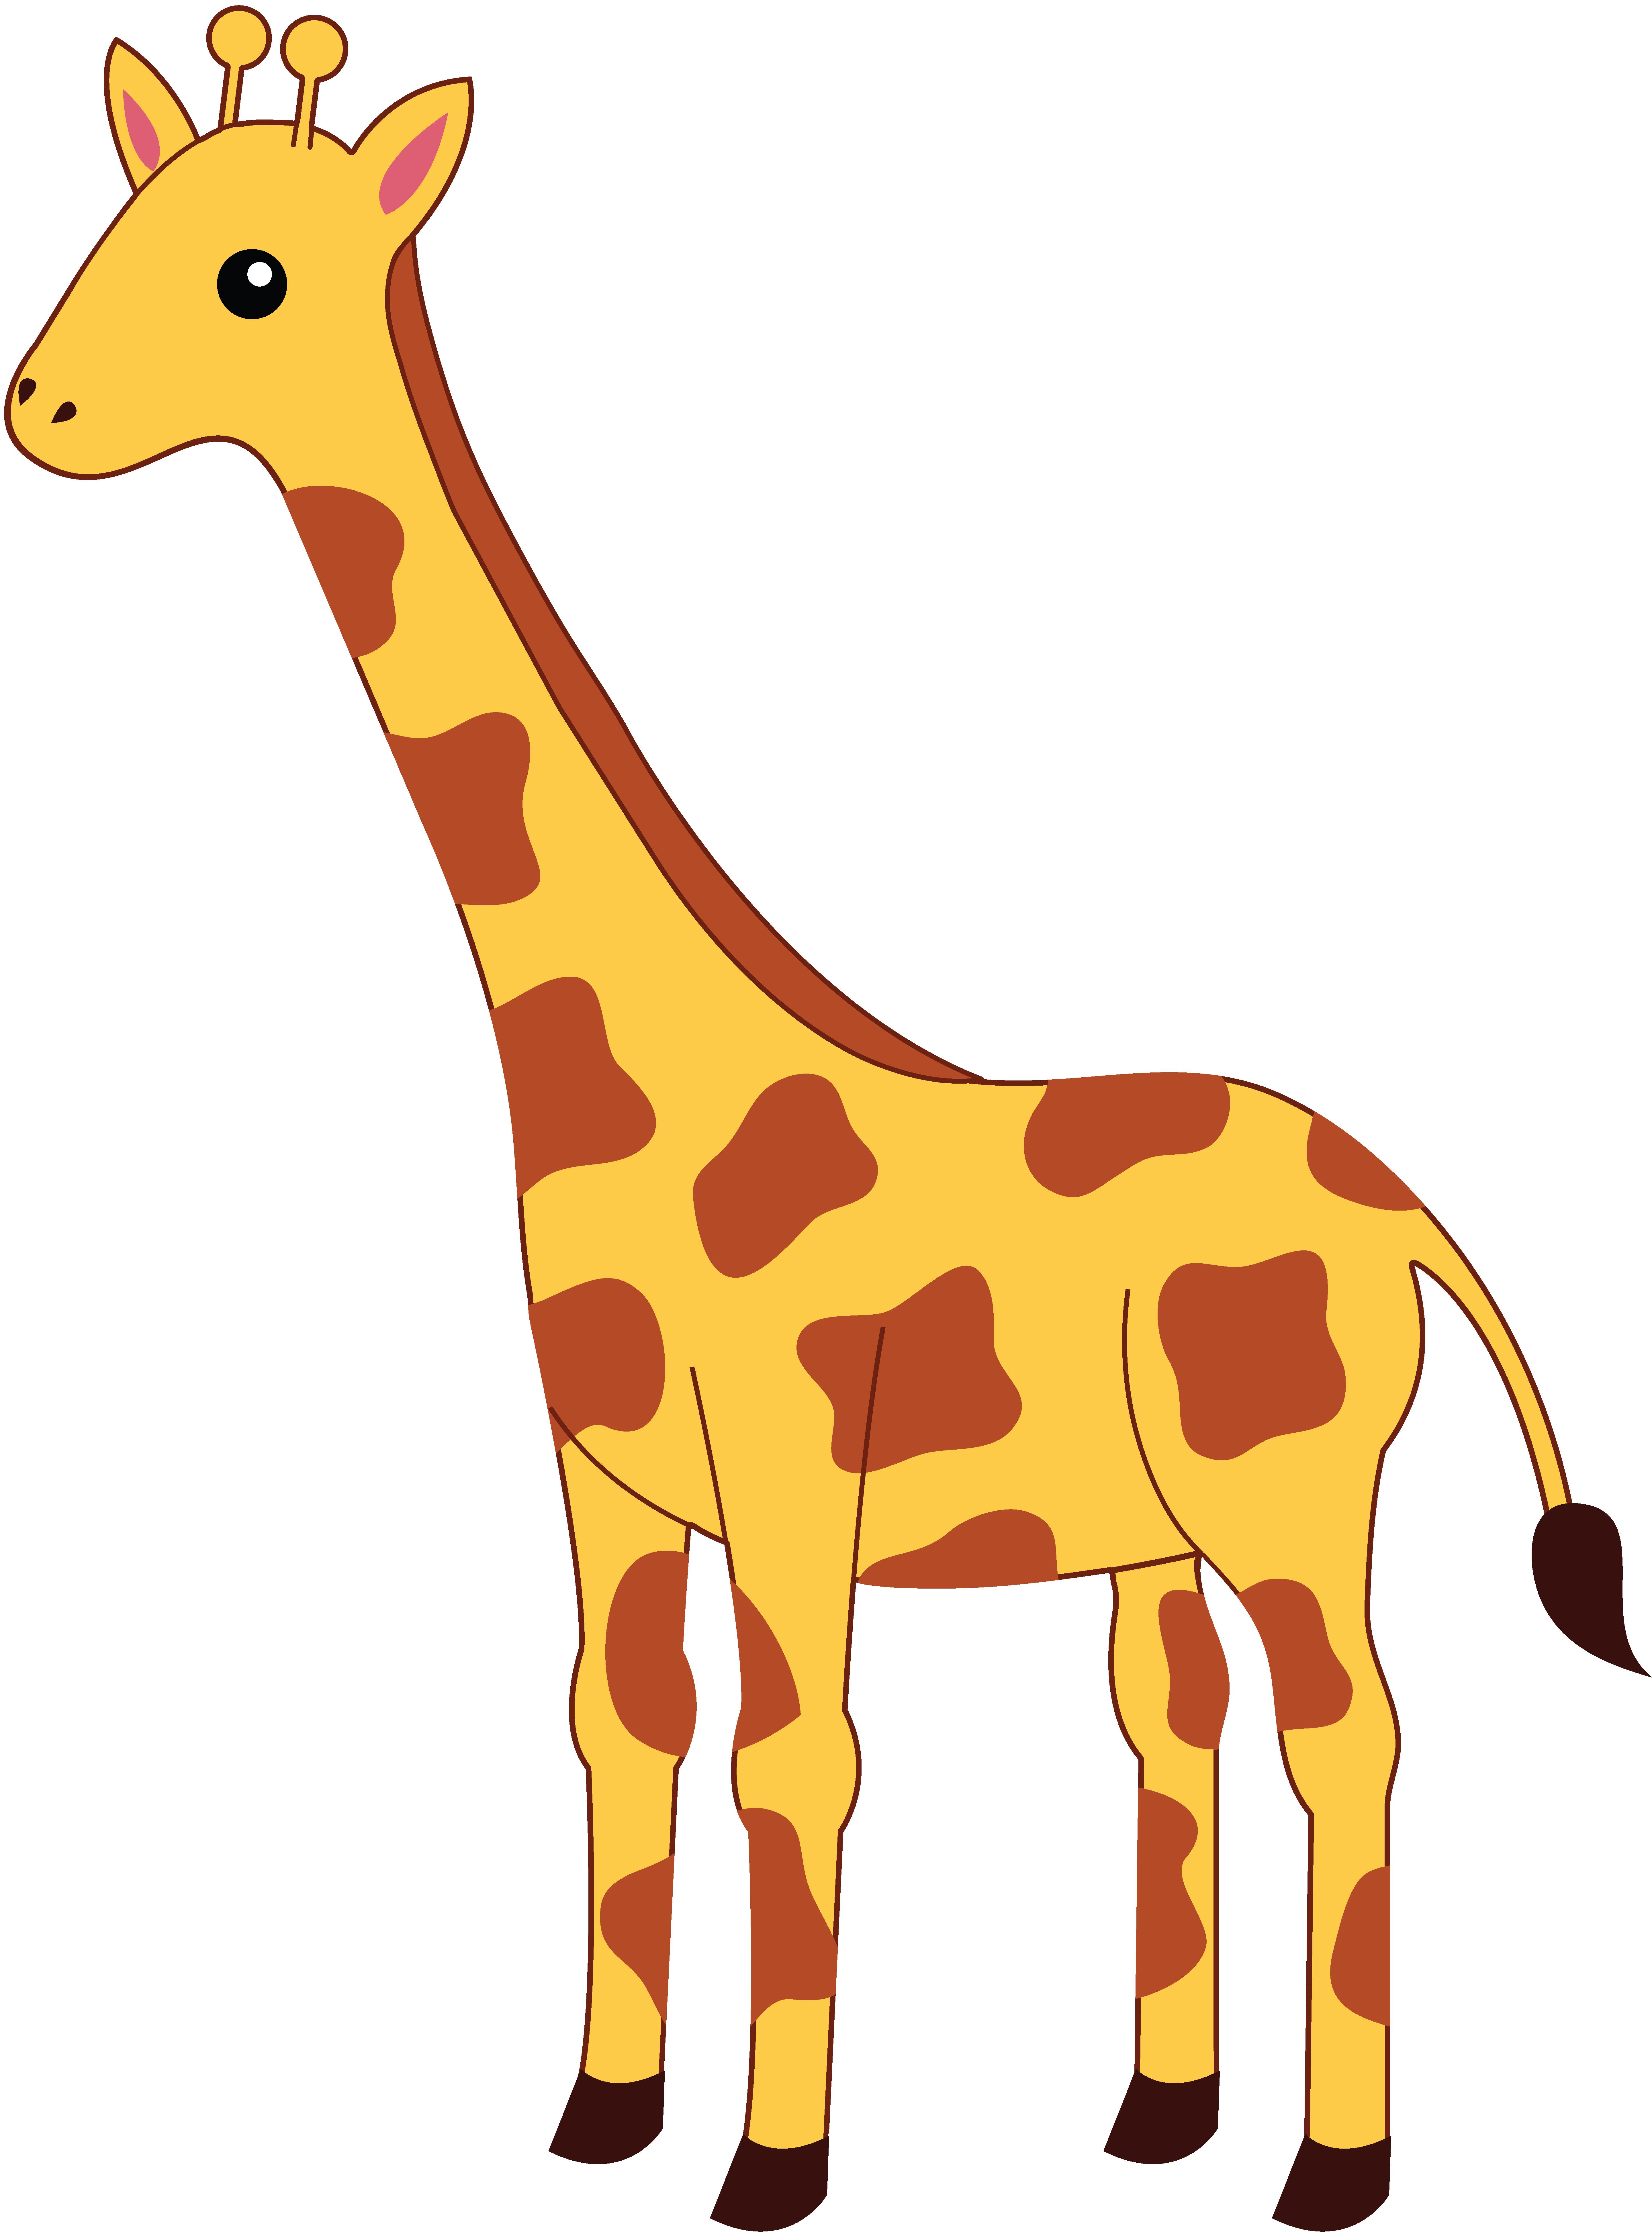 SIMPLE GIRAFFE OUTLINE | Cute Giraffe Clipart | APPLIQUE | Pinterest | Cartoon, Giraffes and Clip art